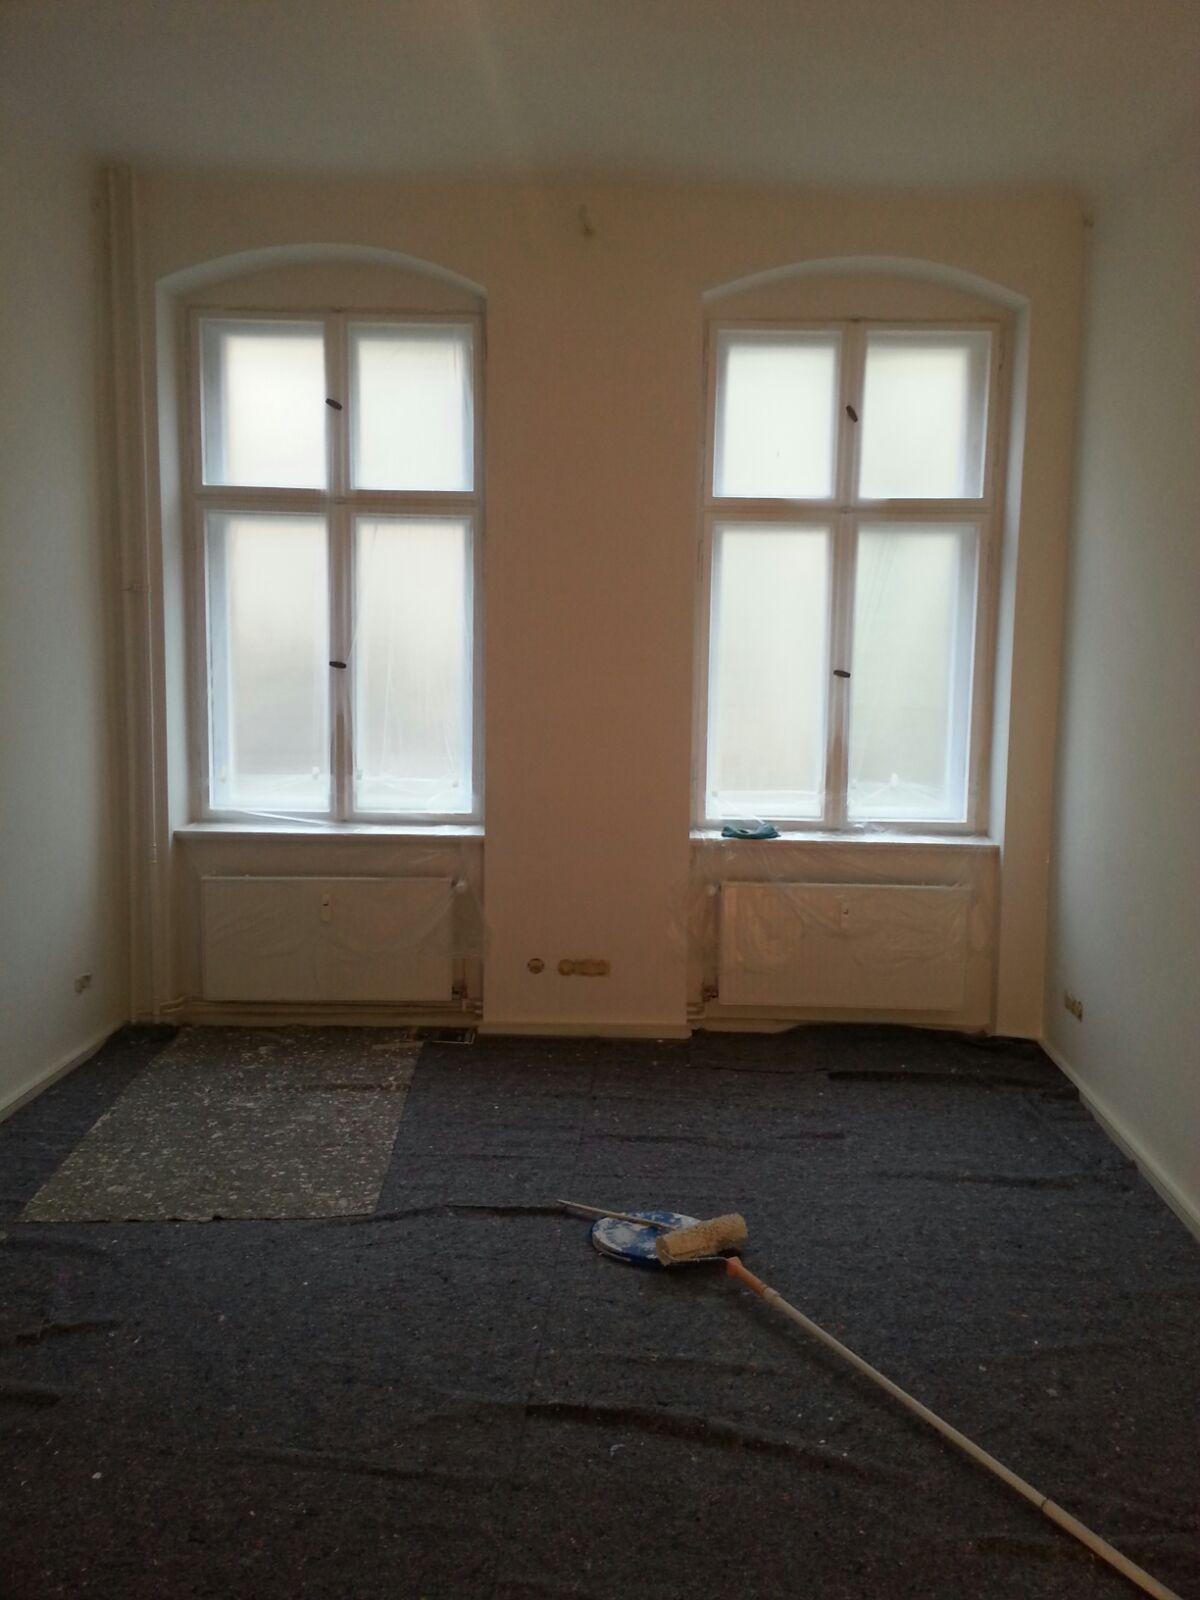 kurzfristig umzugshelfer berlin professionell und g nstig bestes umzugsunternehmen in. Black Bedroom Furniture Sets. Home Design Ideas